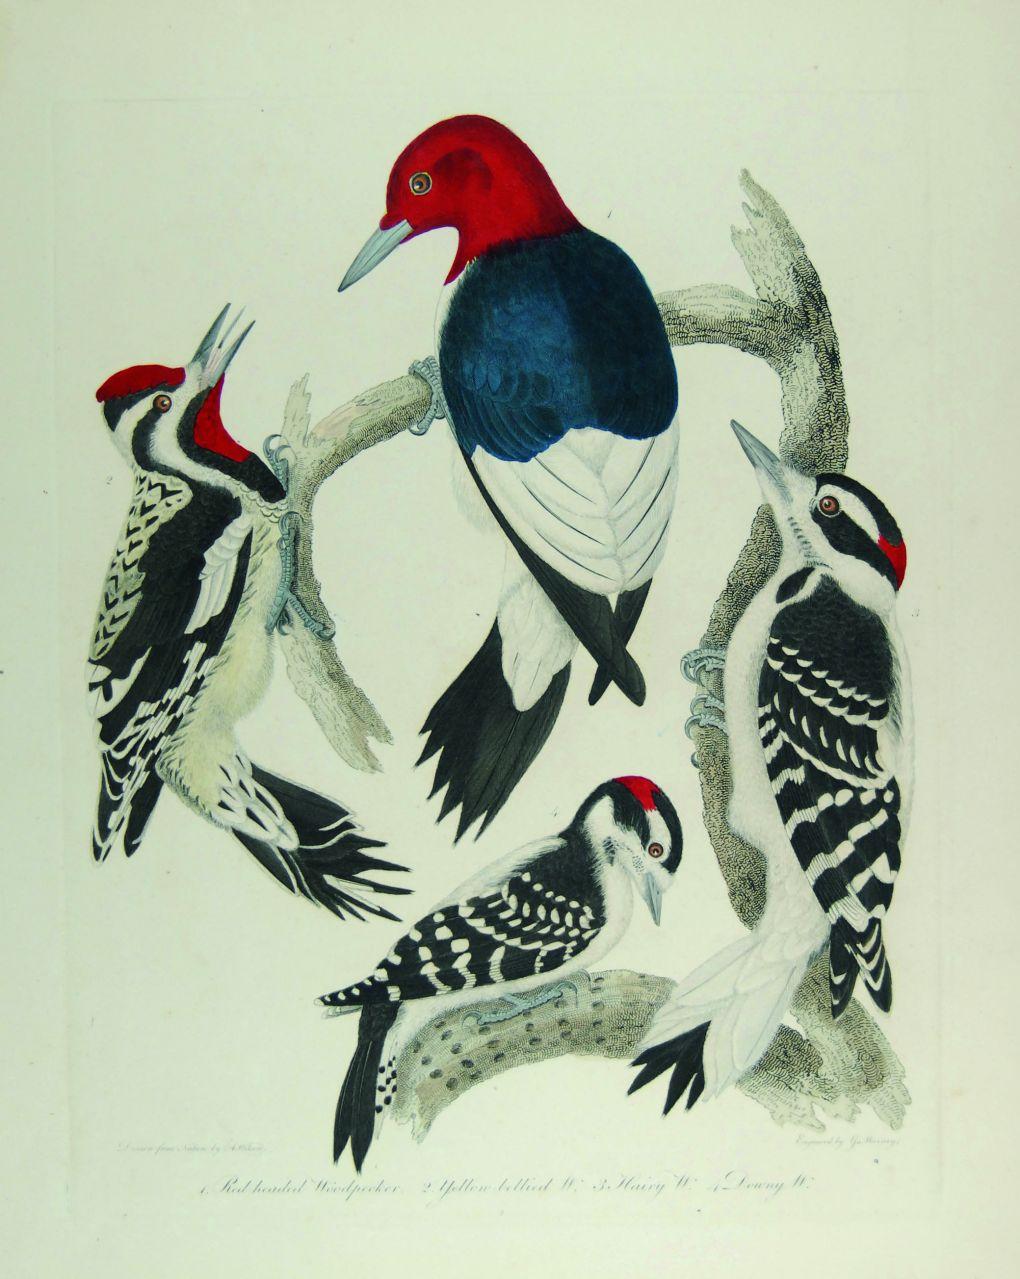 Alexander WIlson woodpeckers